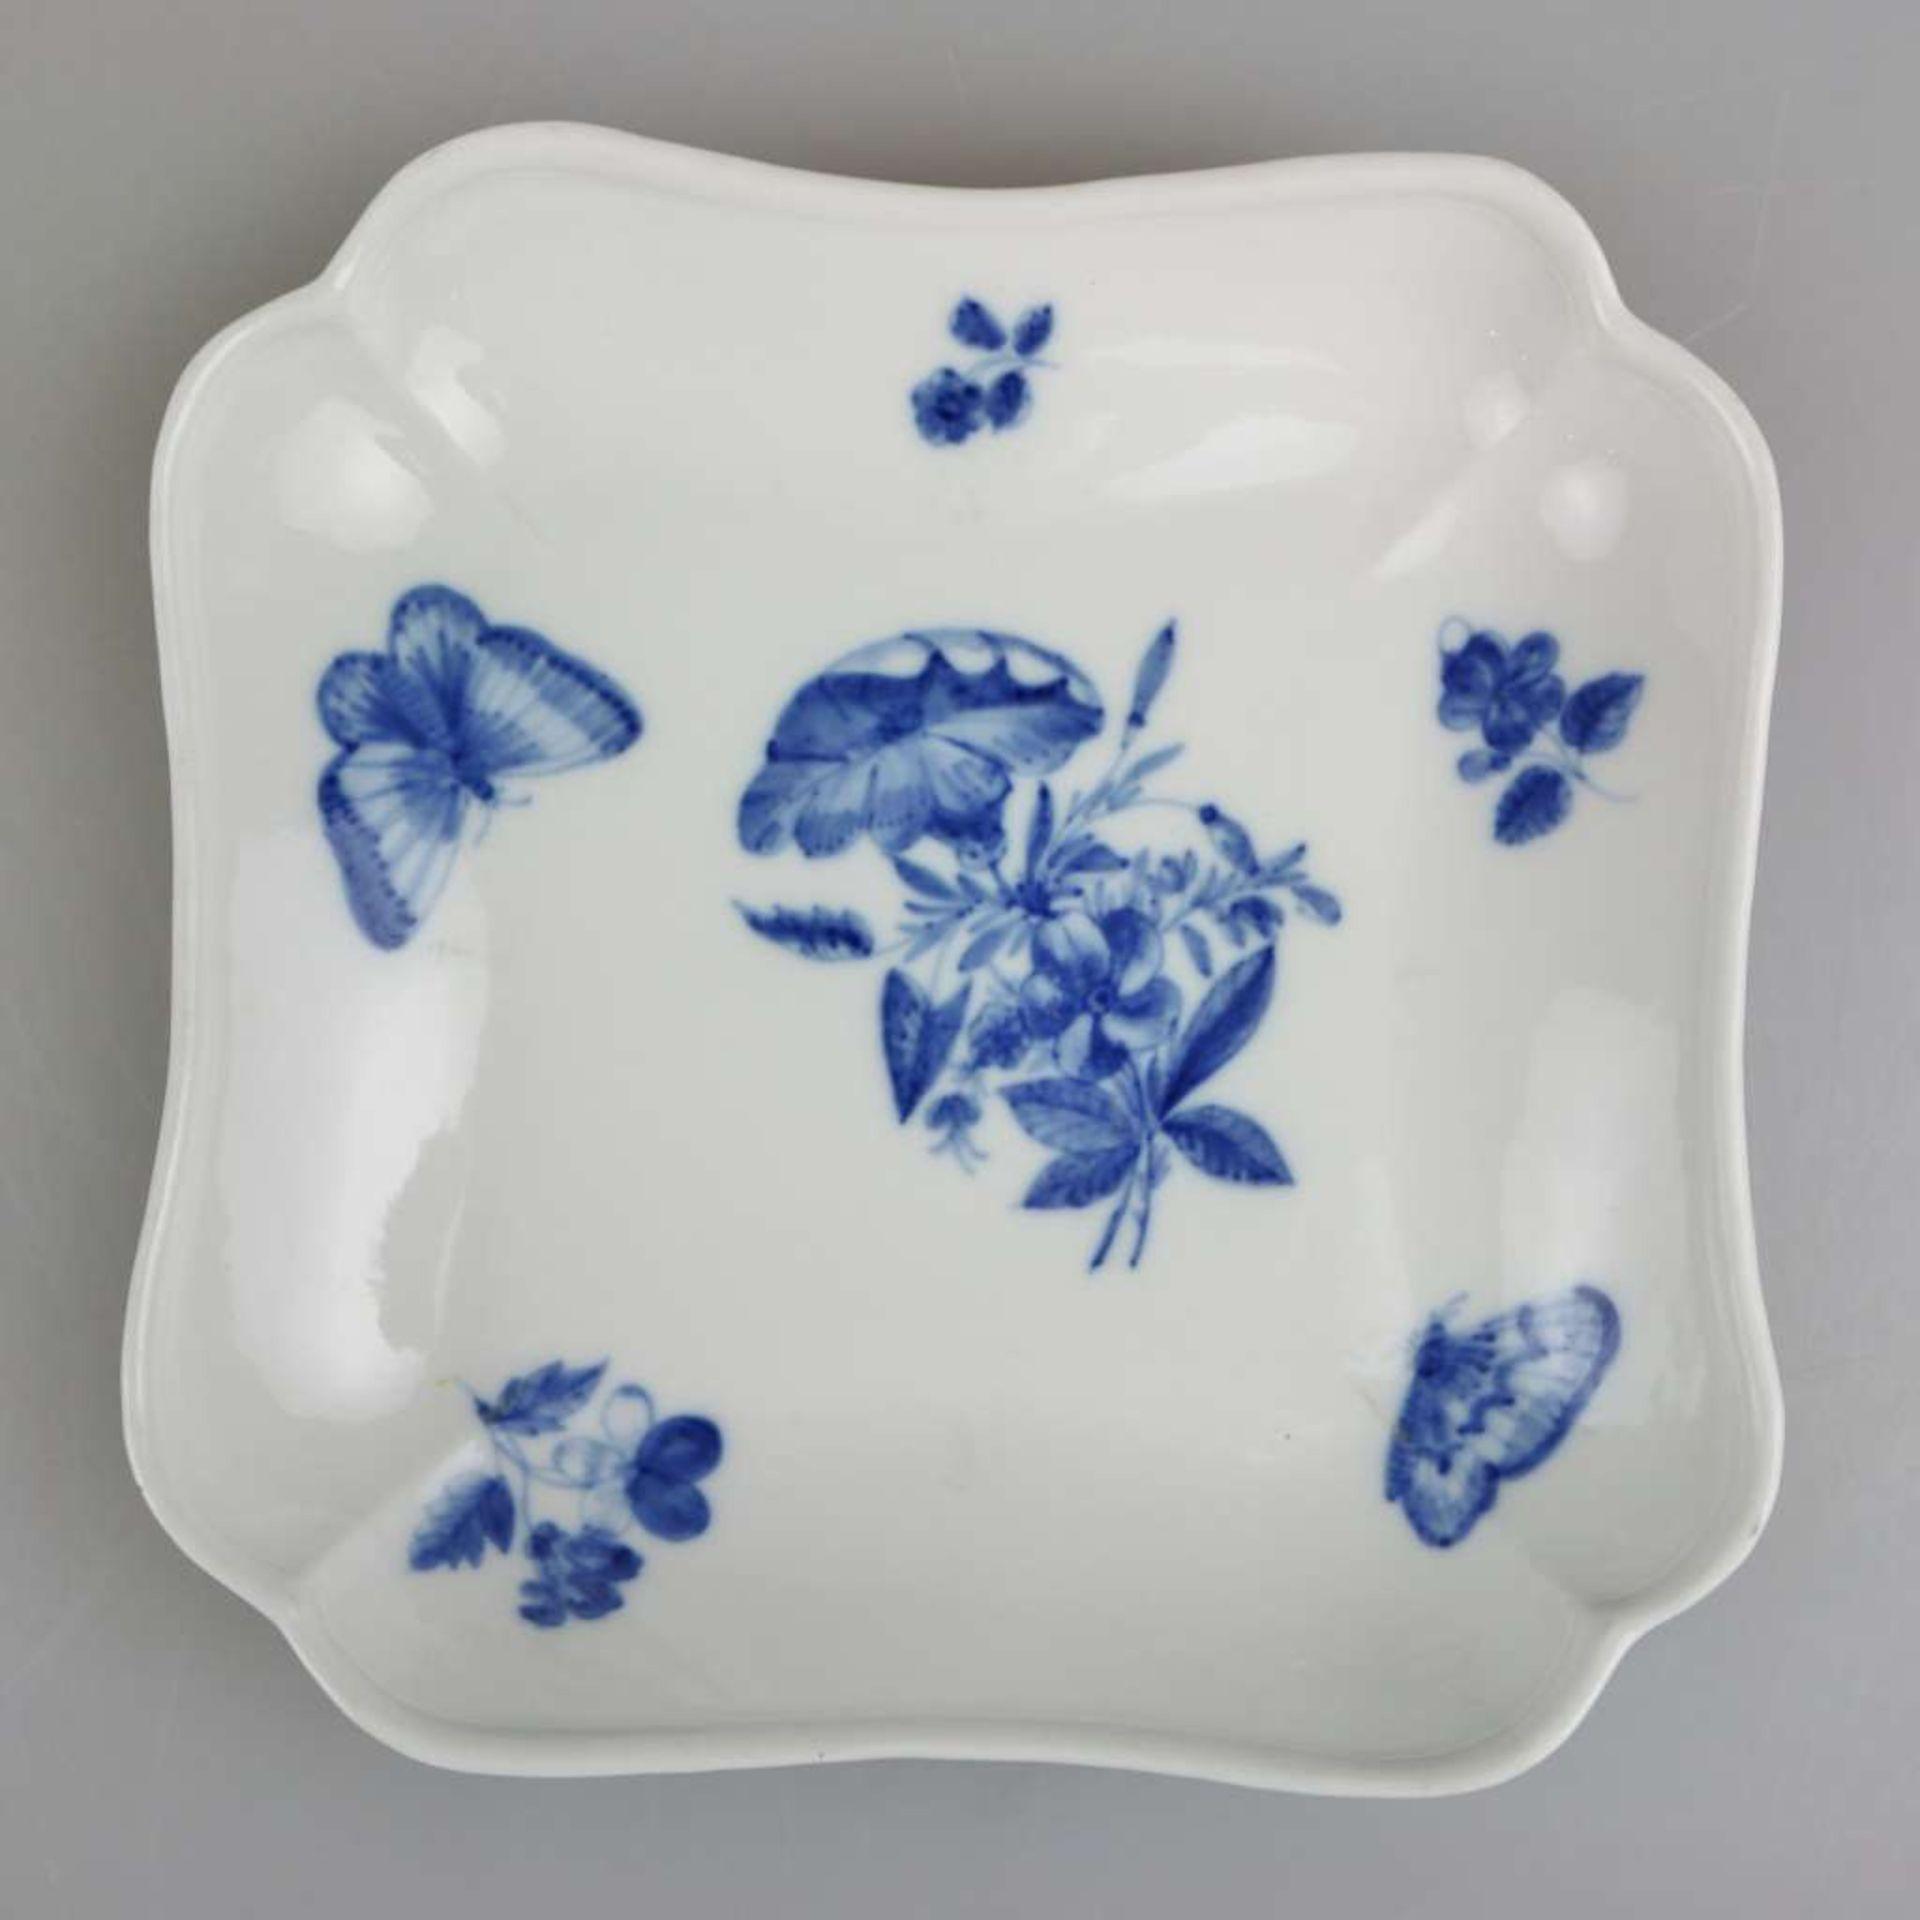 """Meissen, Rest Speiseservice, 19. Jh., Neuer Ausschnitt """"Blaue Blume mit Insekten"""", 4-teilig sow - Bild 8 aus 9"""